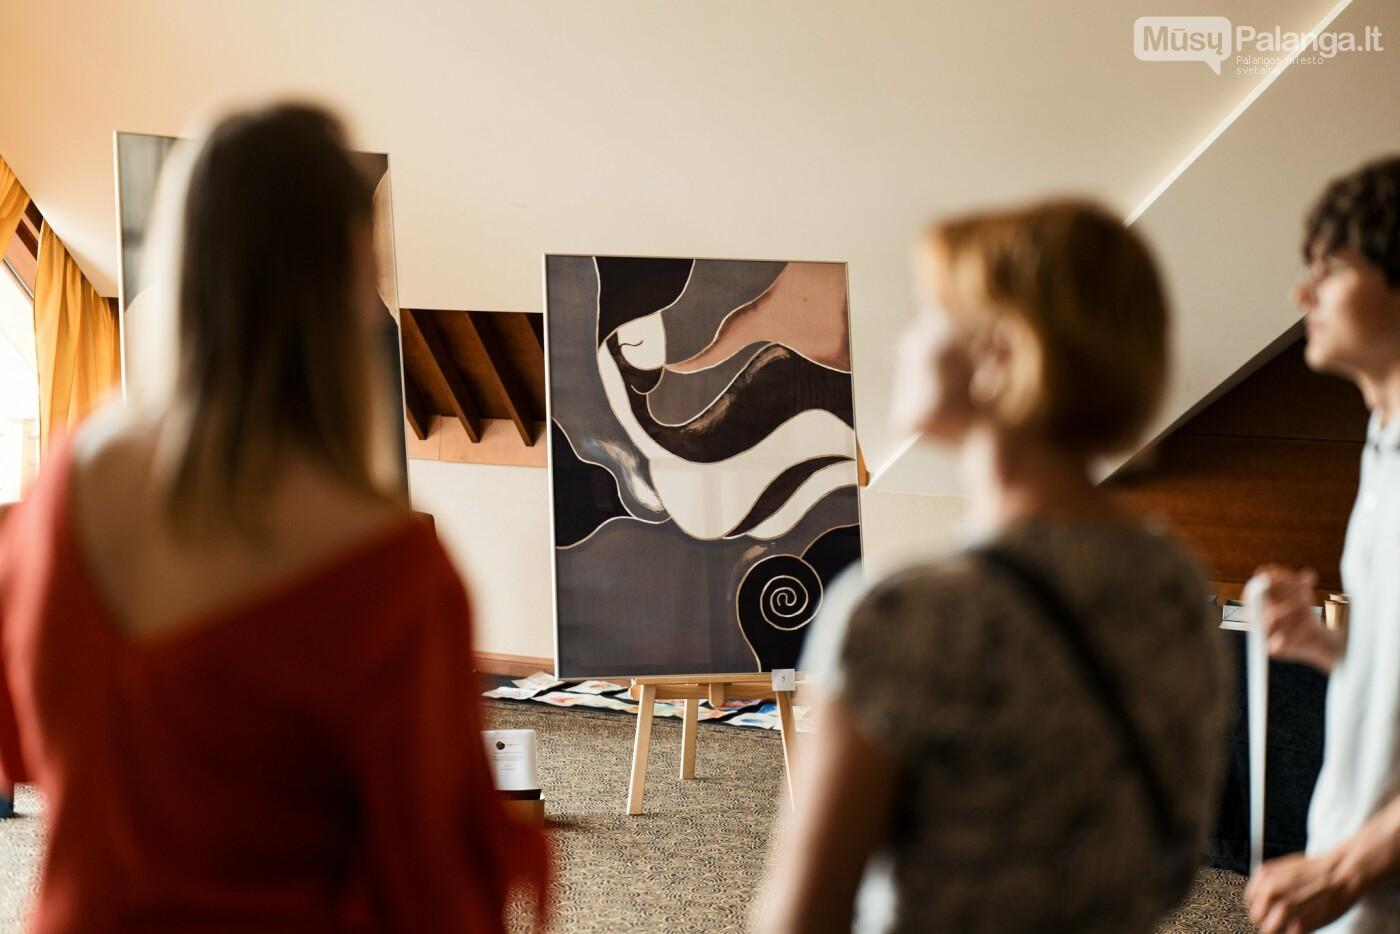 Didžiausia šilko kolekcija įsikurs Palangoje: kvies apžiūrėti neįprastu būdu, nuotrauka-12